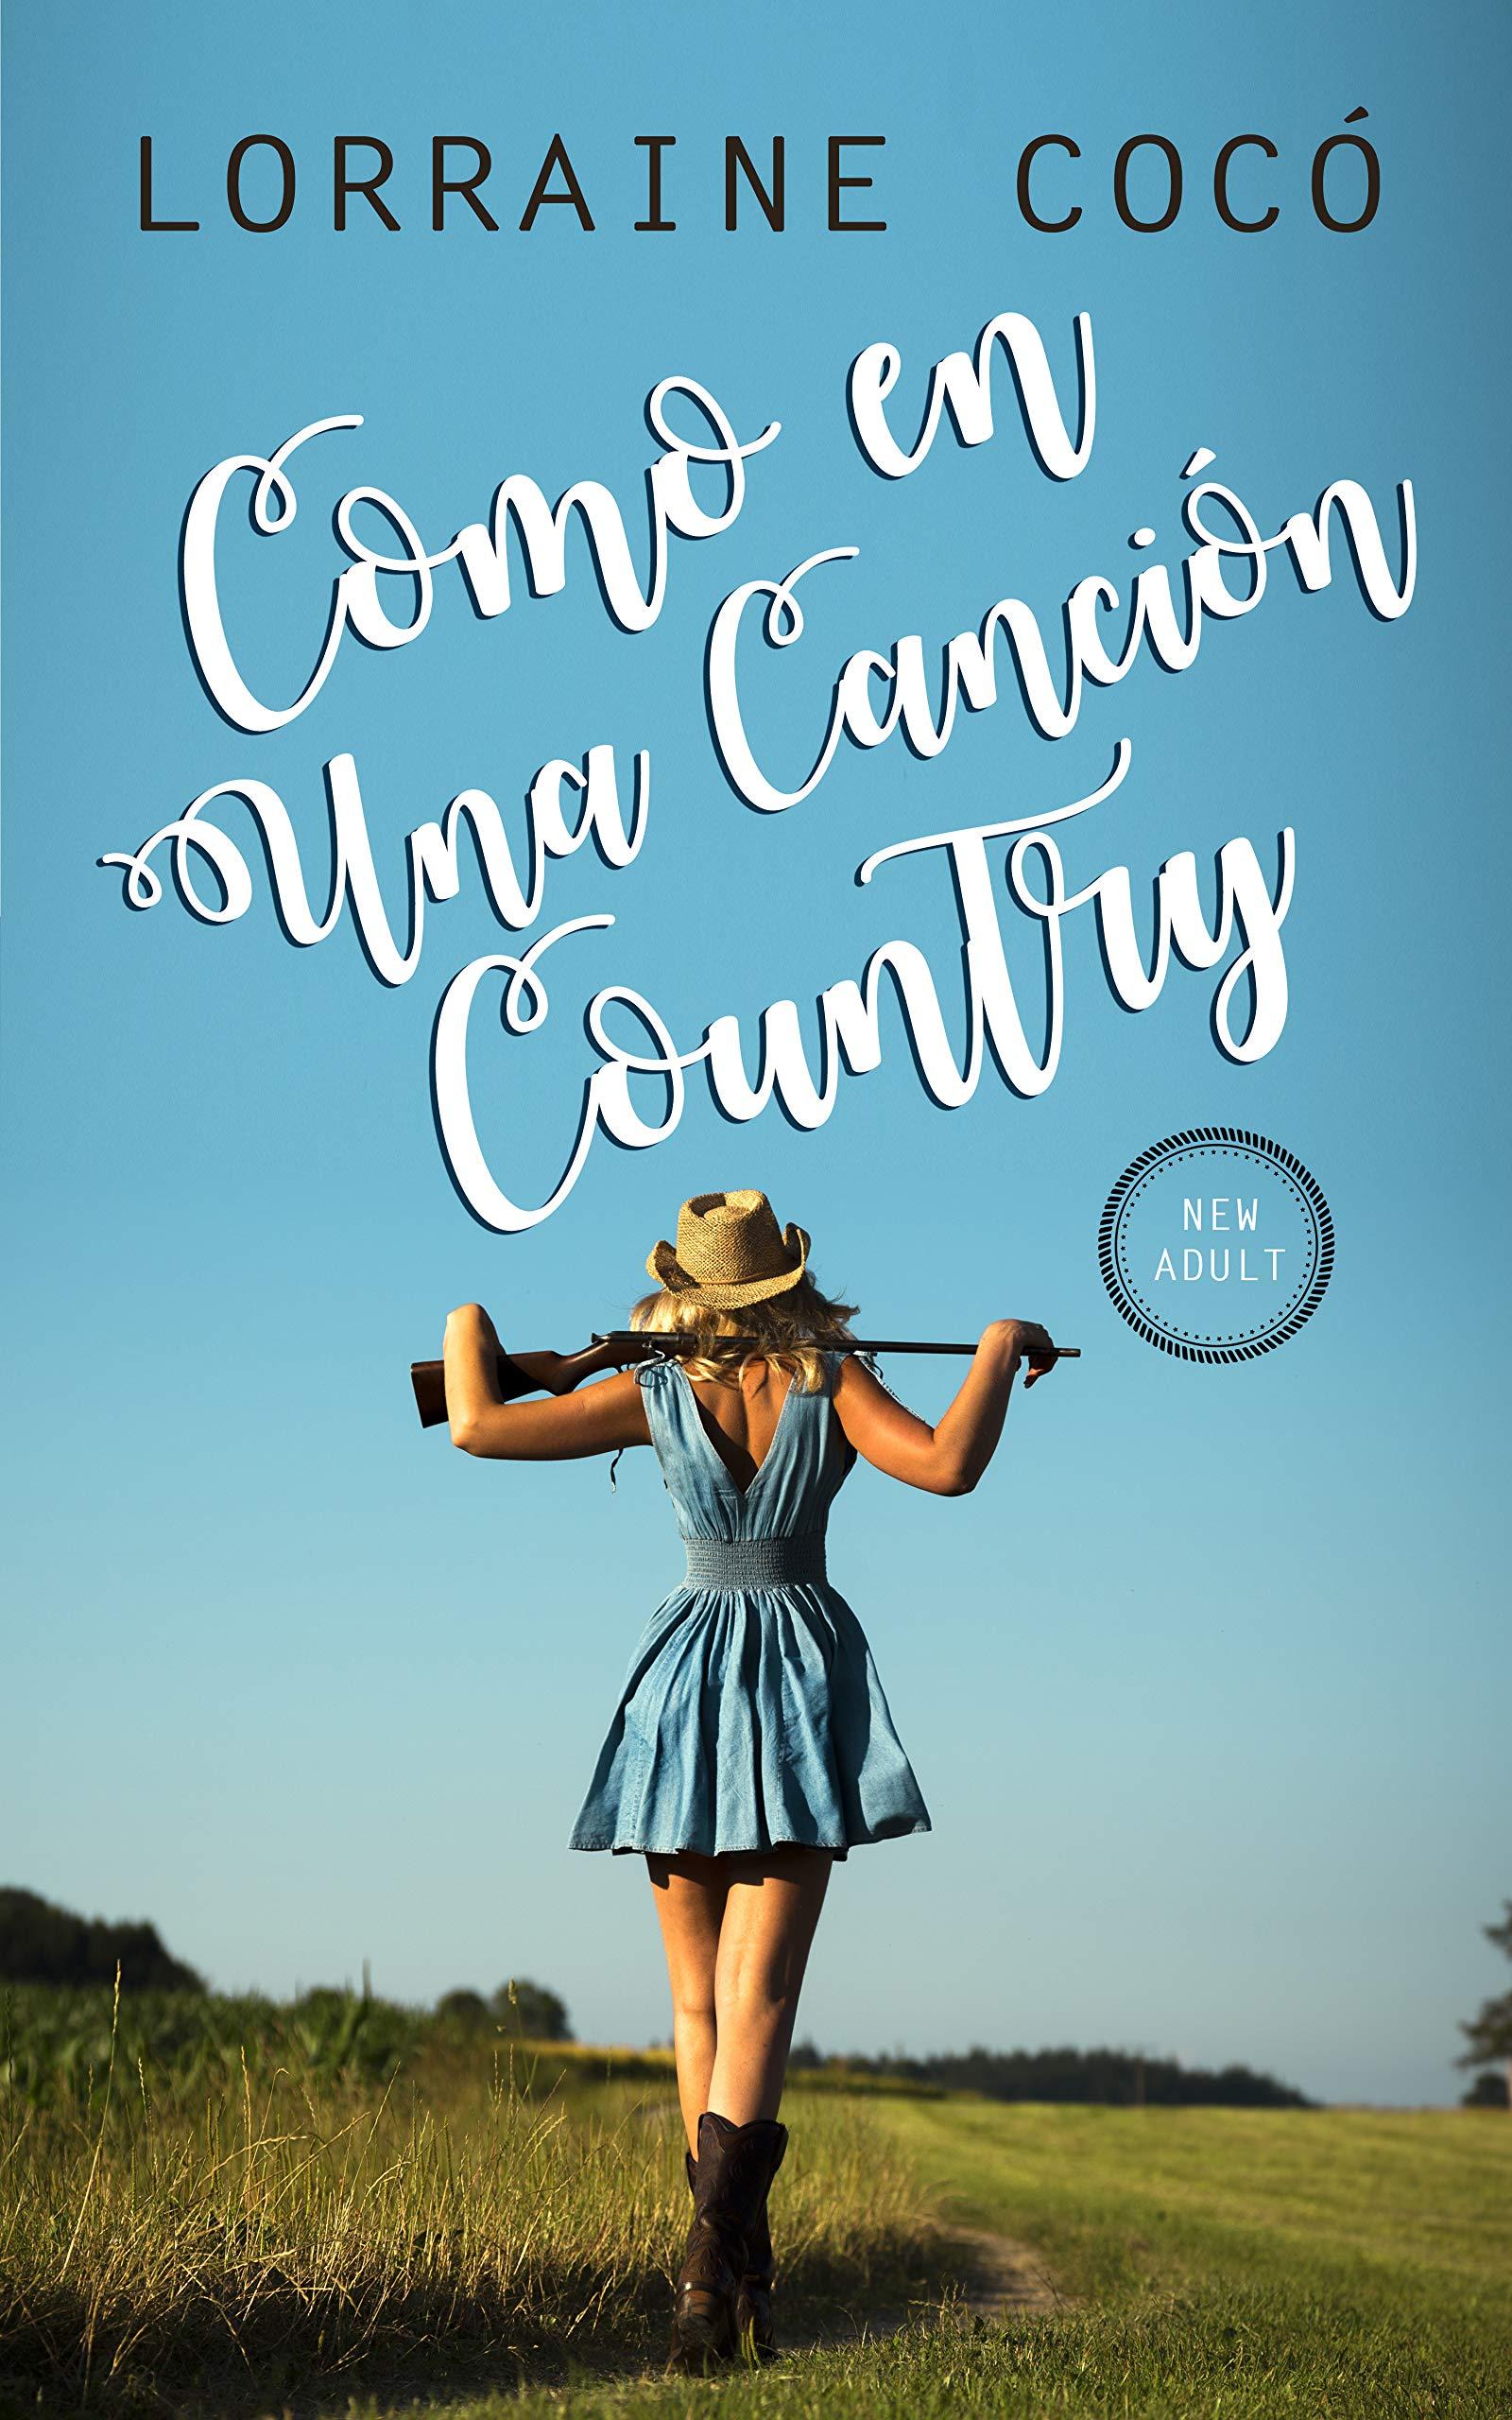 Como en una canción country por Lorraine Cocó